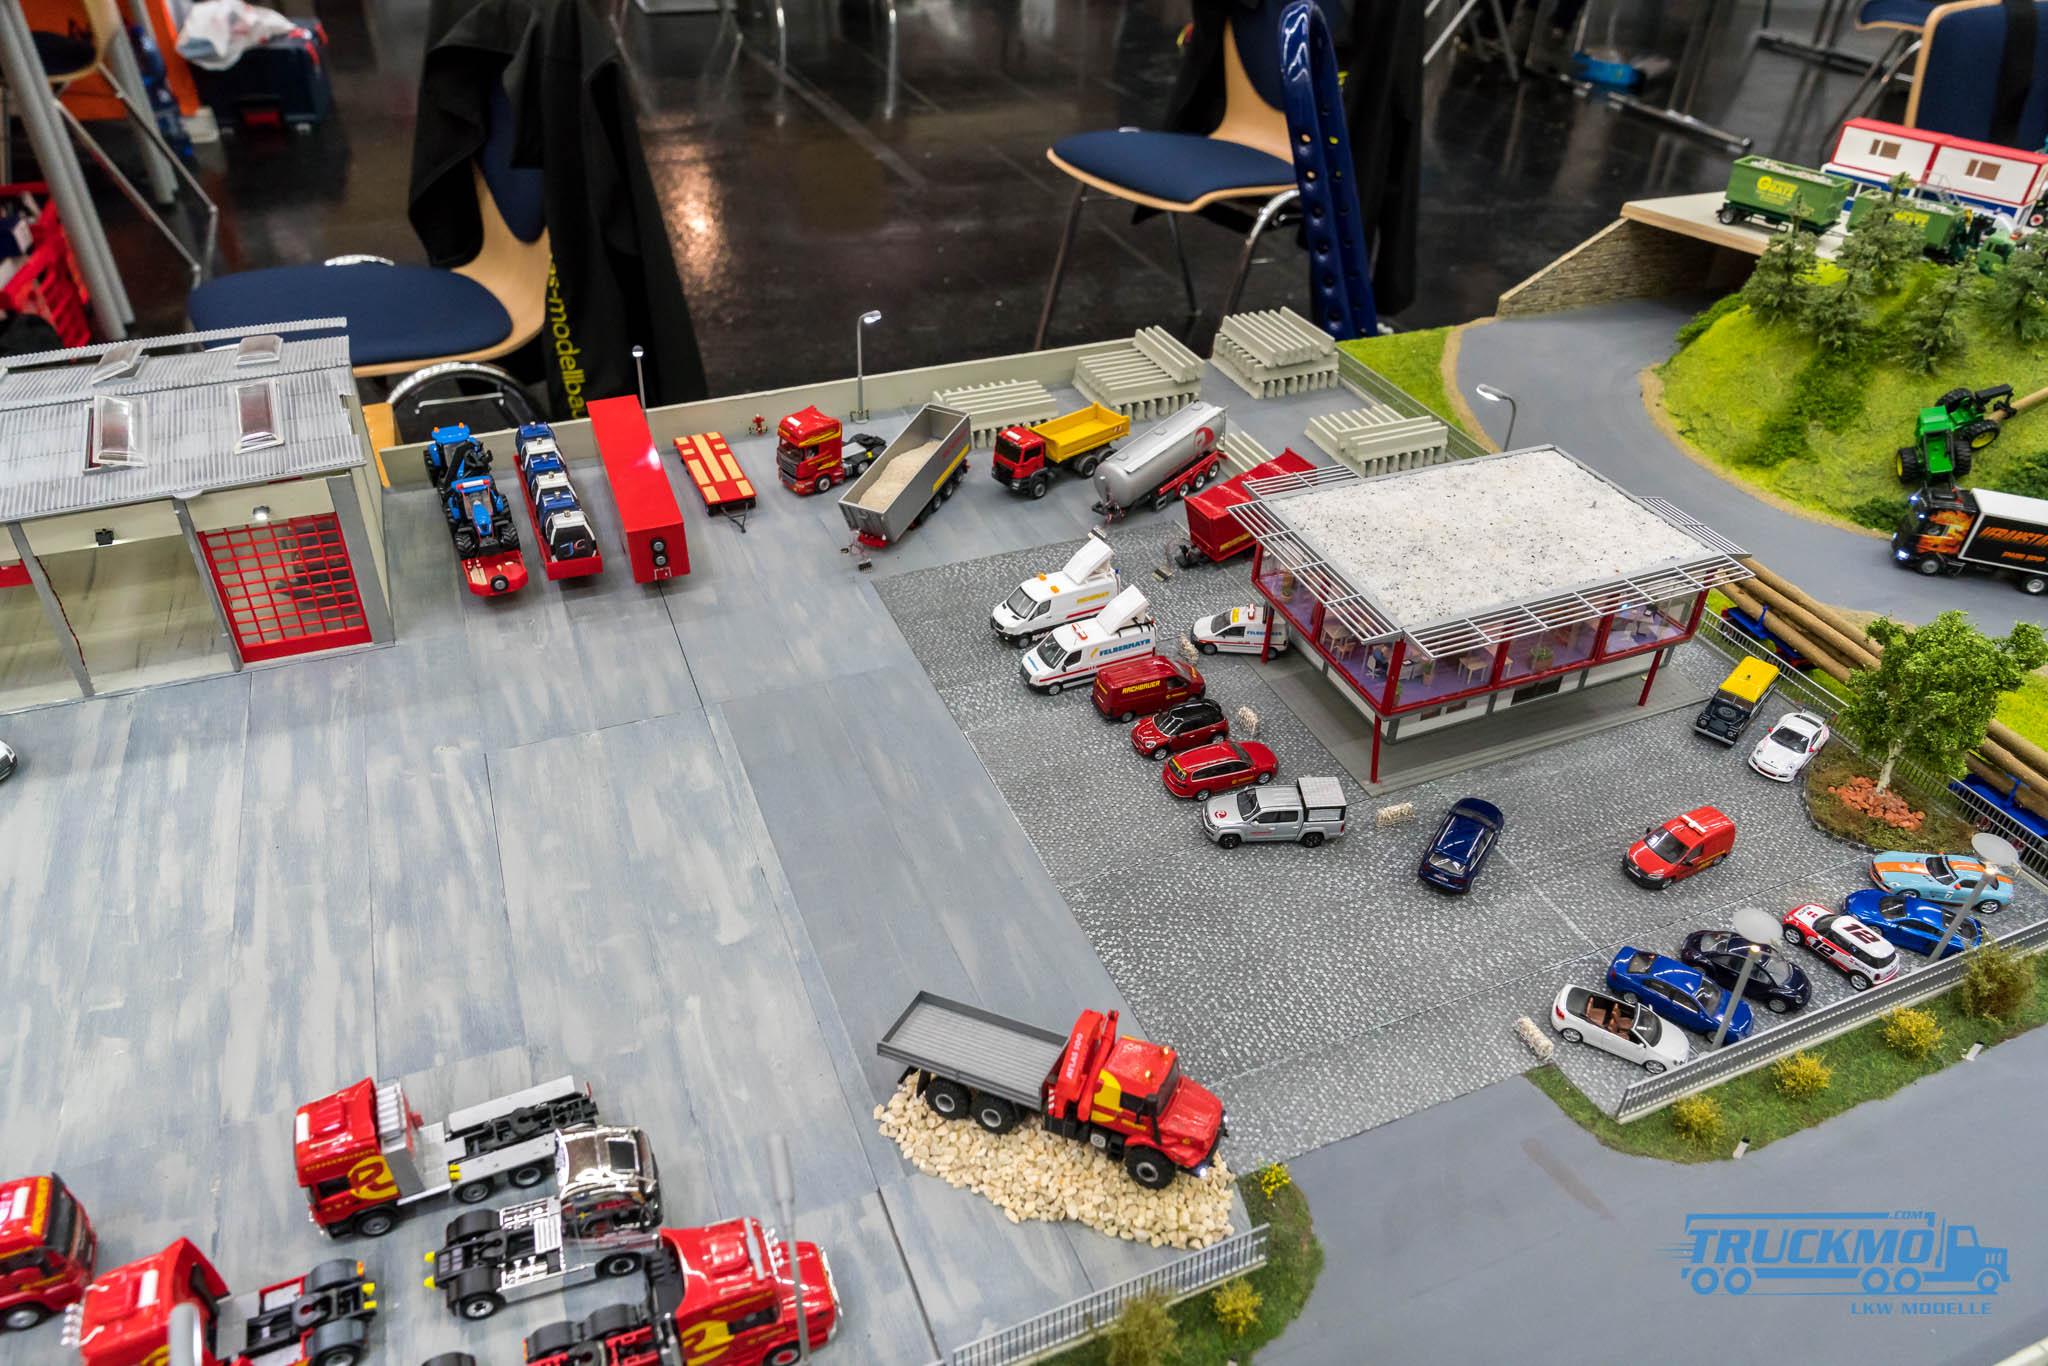 Truckmo_Modellbau_Ried_2017_Herpa_Messe_Modellbauausstellung (246 von 1177)